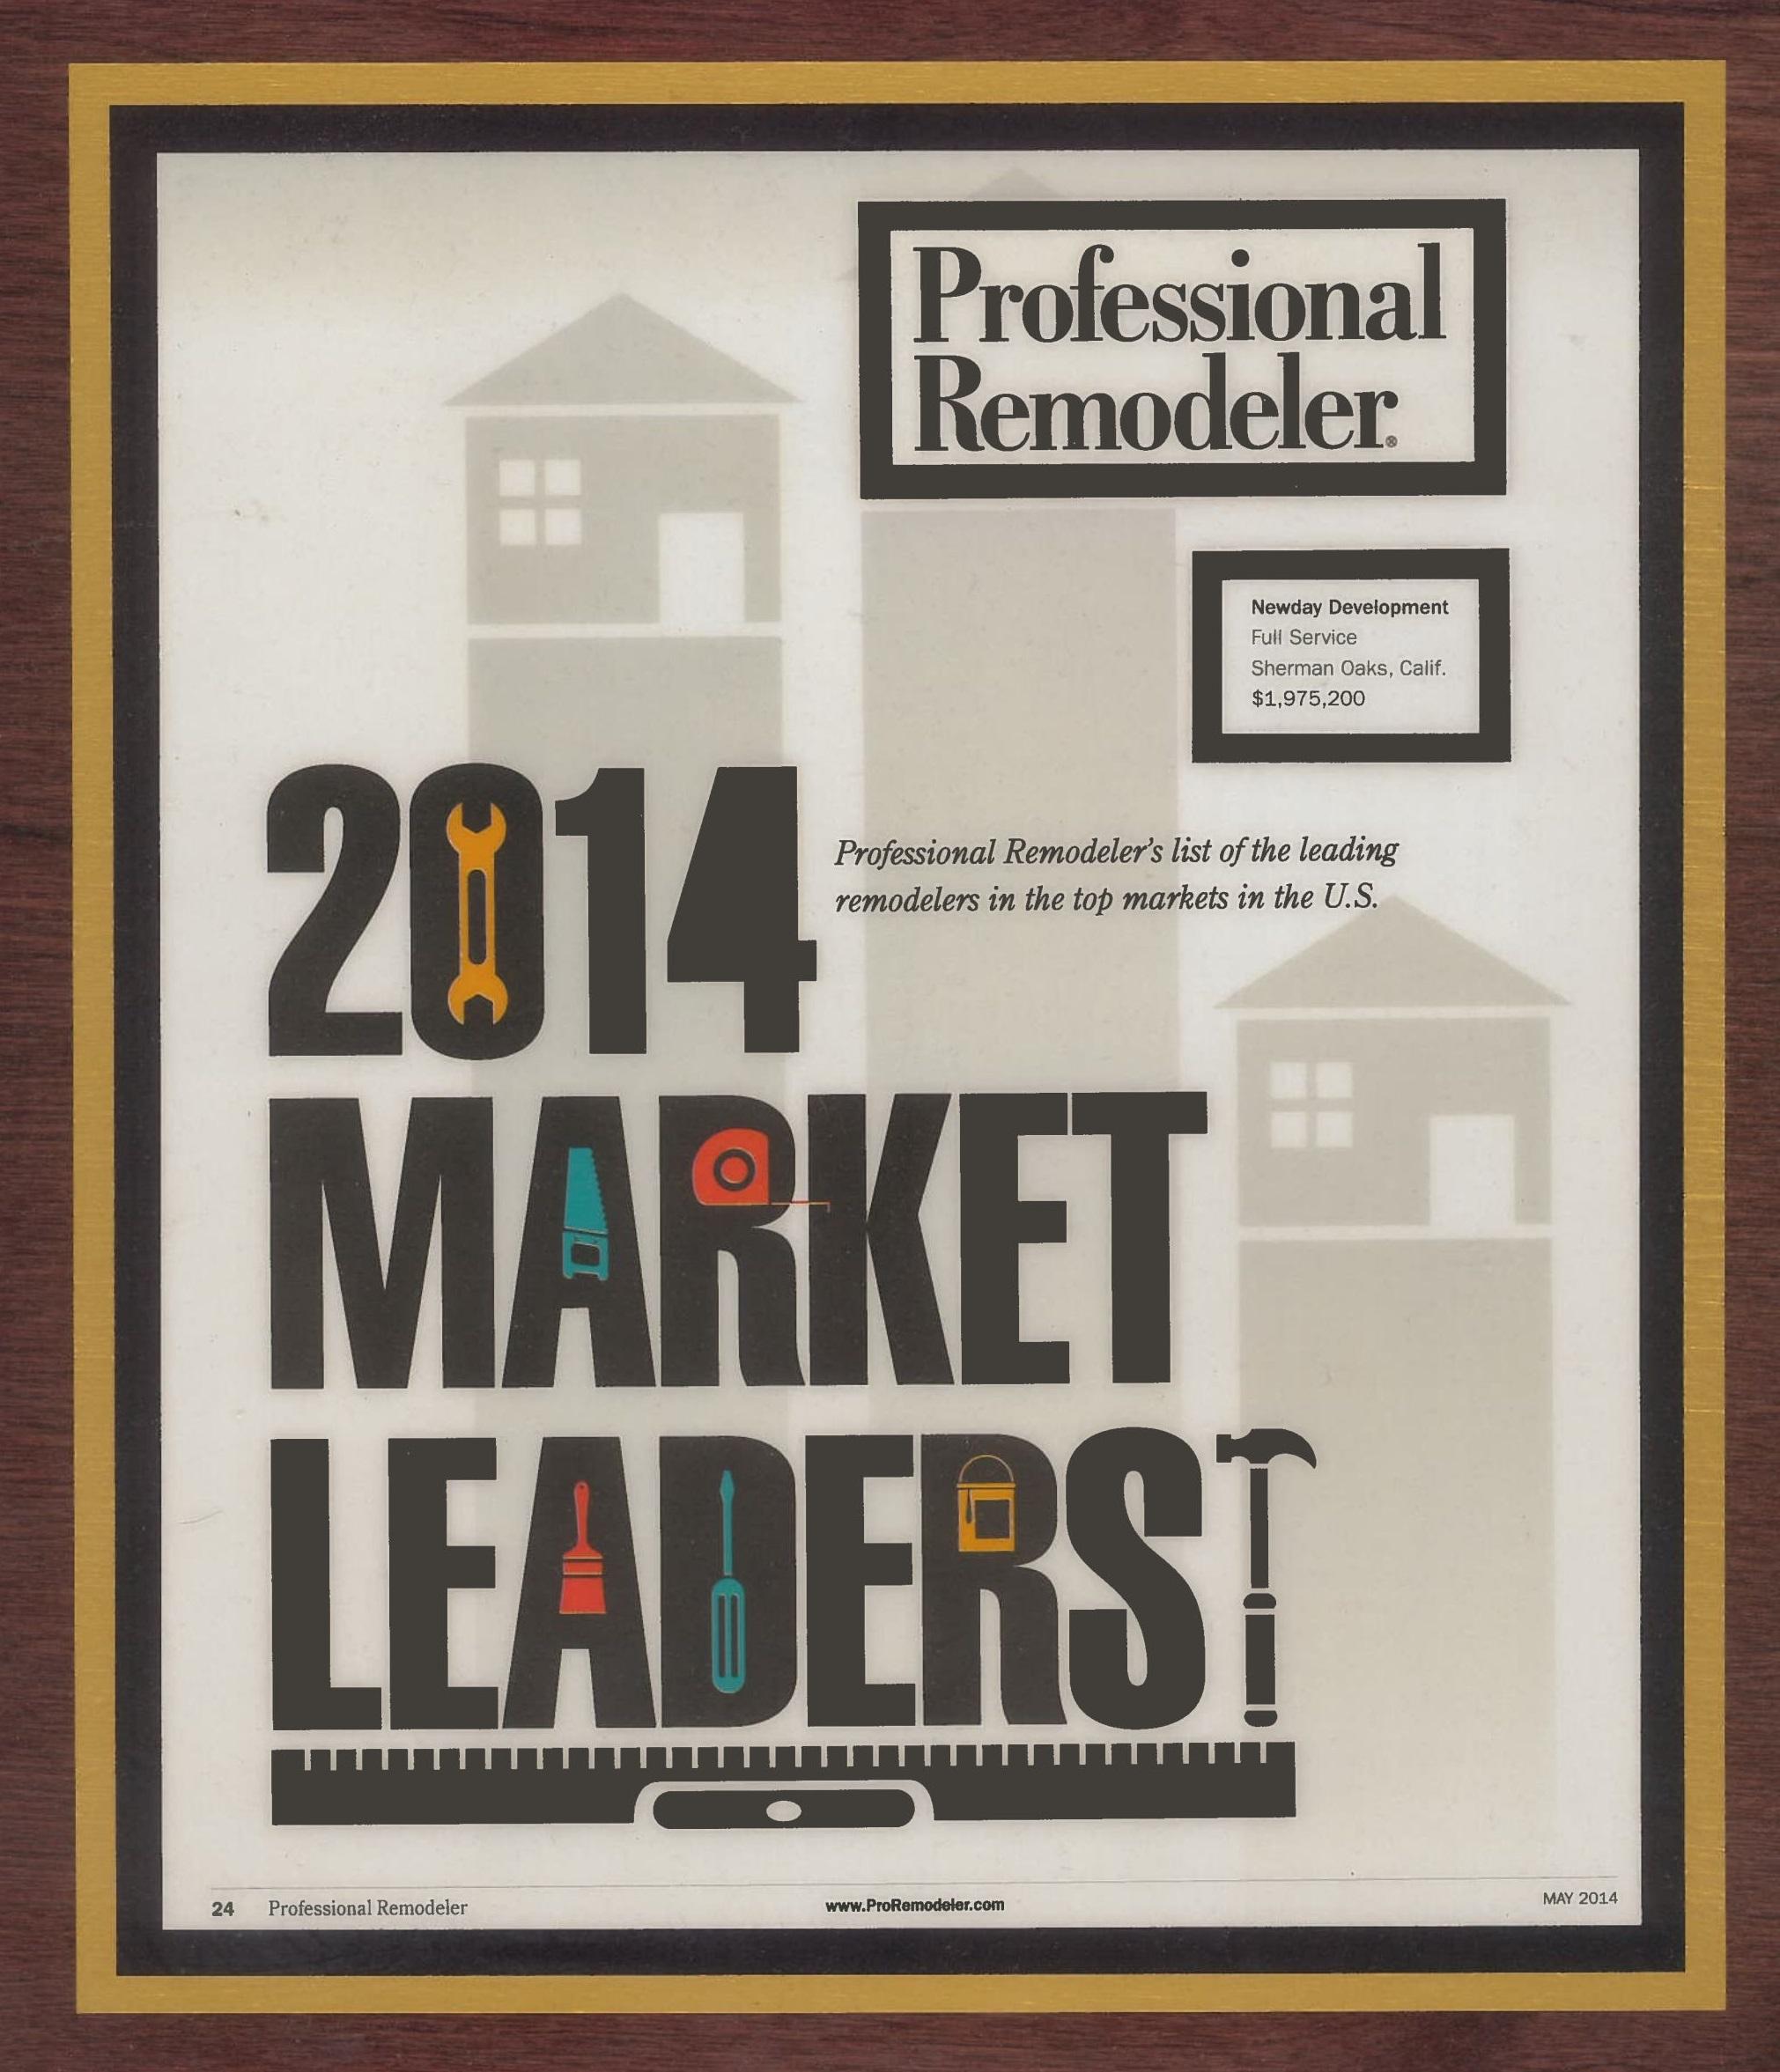 Professional Remodeler Market Leader 2014